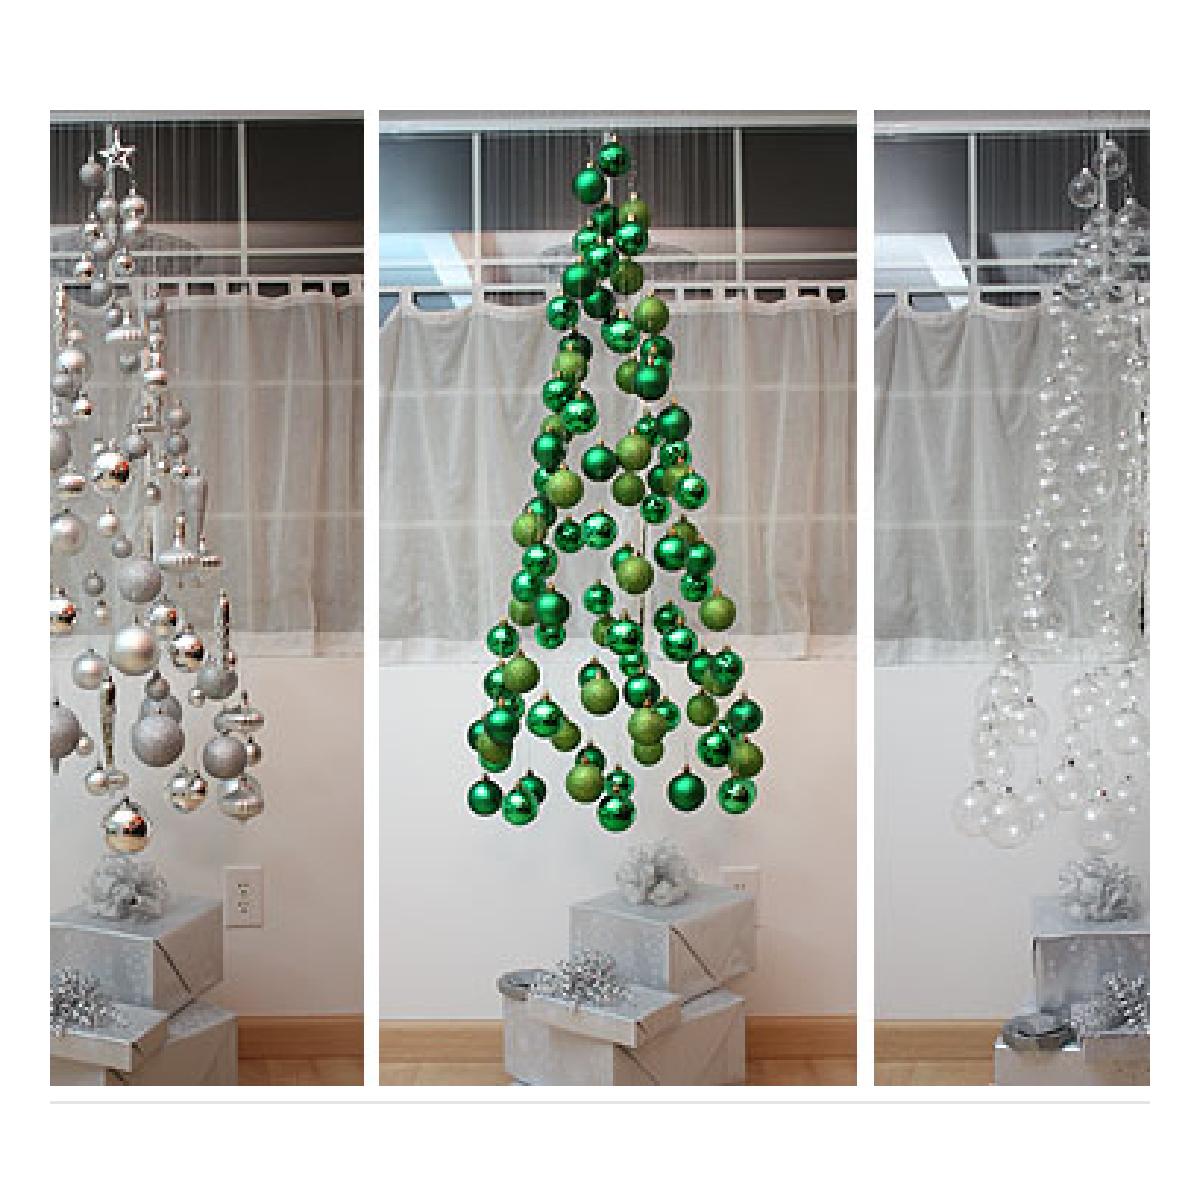 #246E34 Cadeaux 2 Ouf : Idées De Cadeaux Insolites Et Originaux  7610 décoration de noel à fabriquer pour adultes 1200x1200 px @ aertt.com